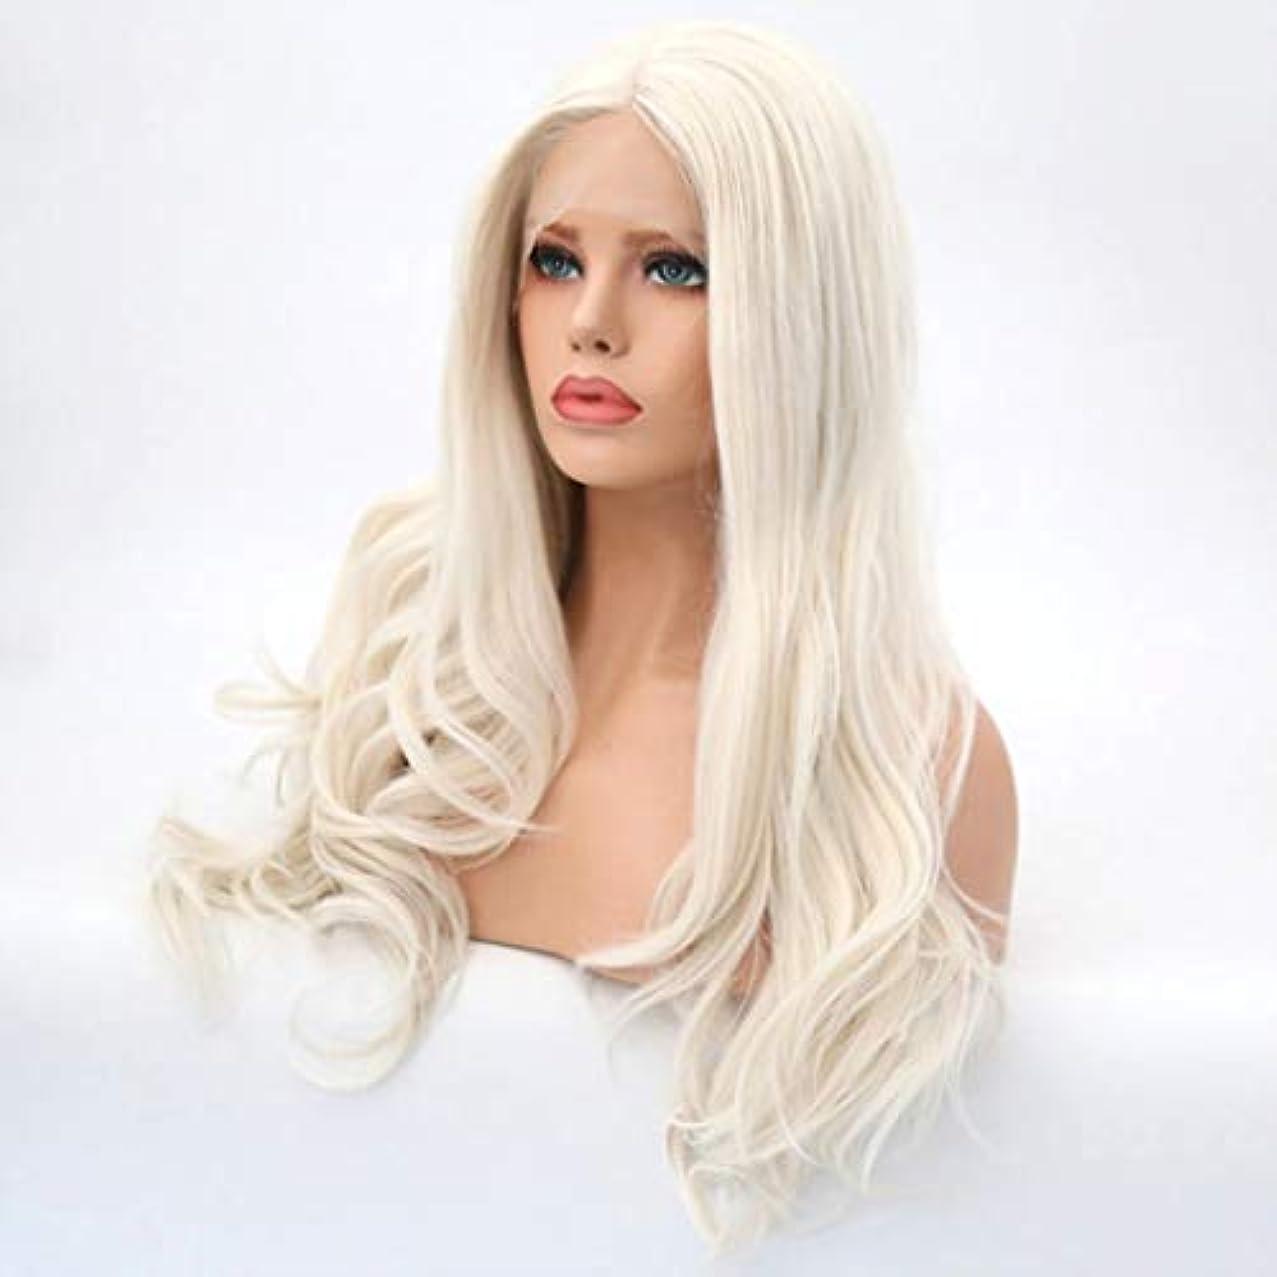 メッセージ重力キャリッジSummerys 女性のための長い巻き毛のかつらフロントレース高温シルクケミカルファイバーウィッグ